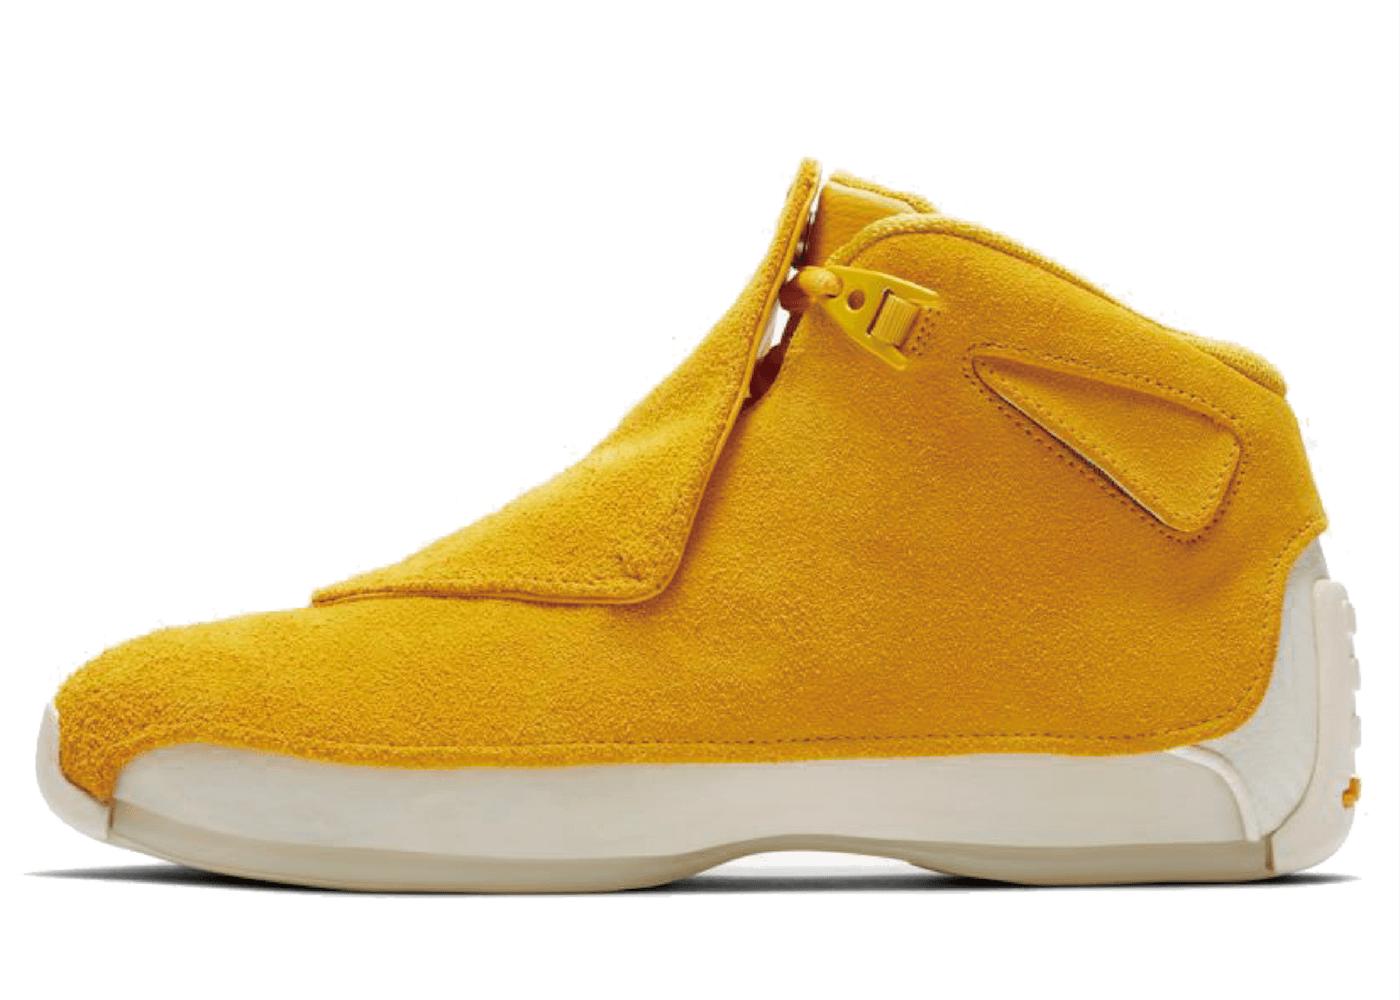 Nike Air Jordan 18 Retro Yellow Ochreの写真